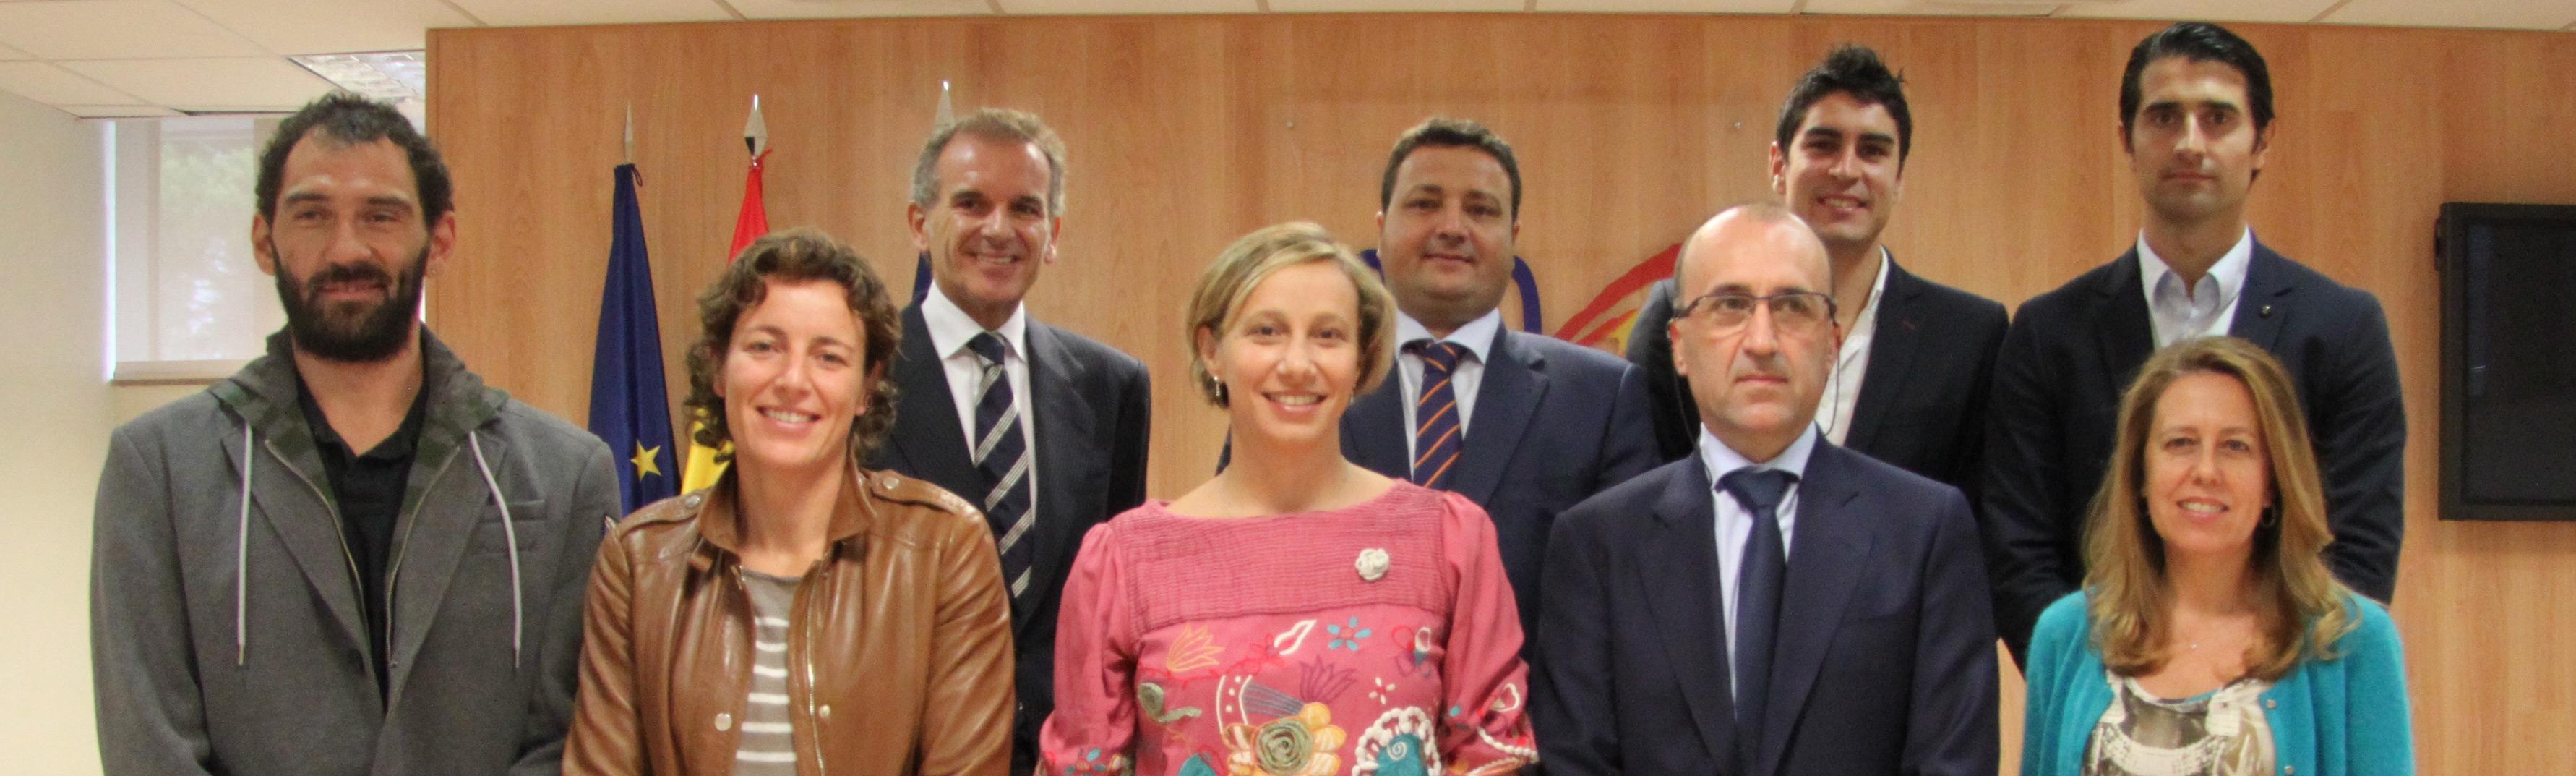 Garrigues Sports - Imagen de la presentación del curso executive de Inmersión en la gestión deportiva